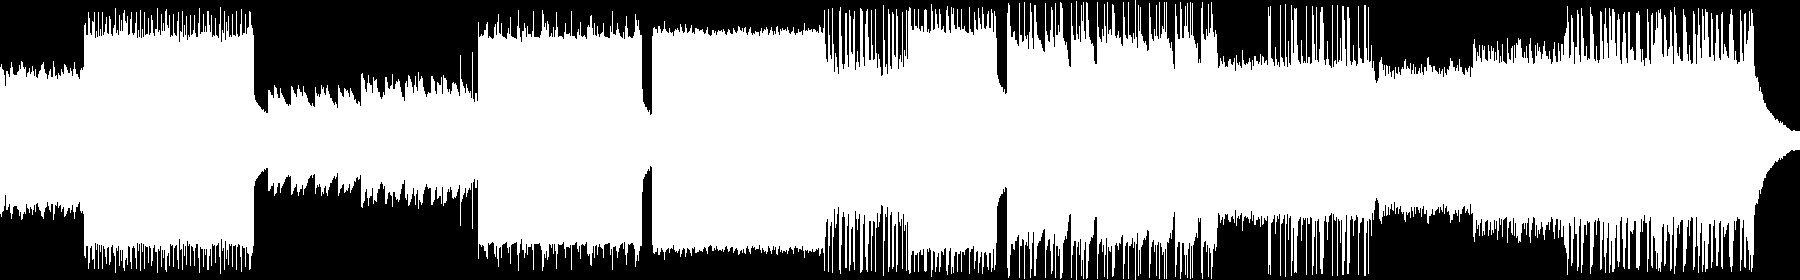 Astro Gang audio waveform